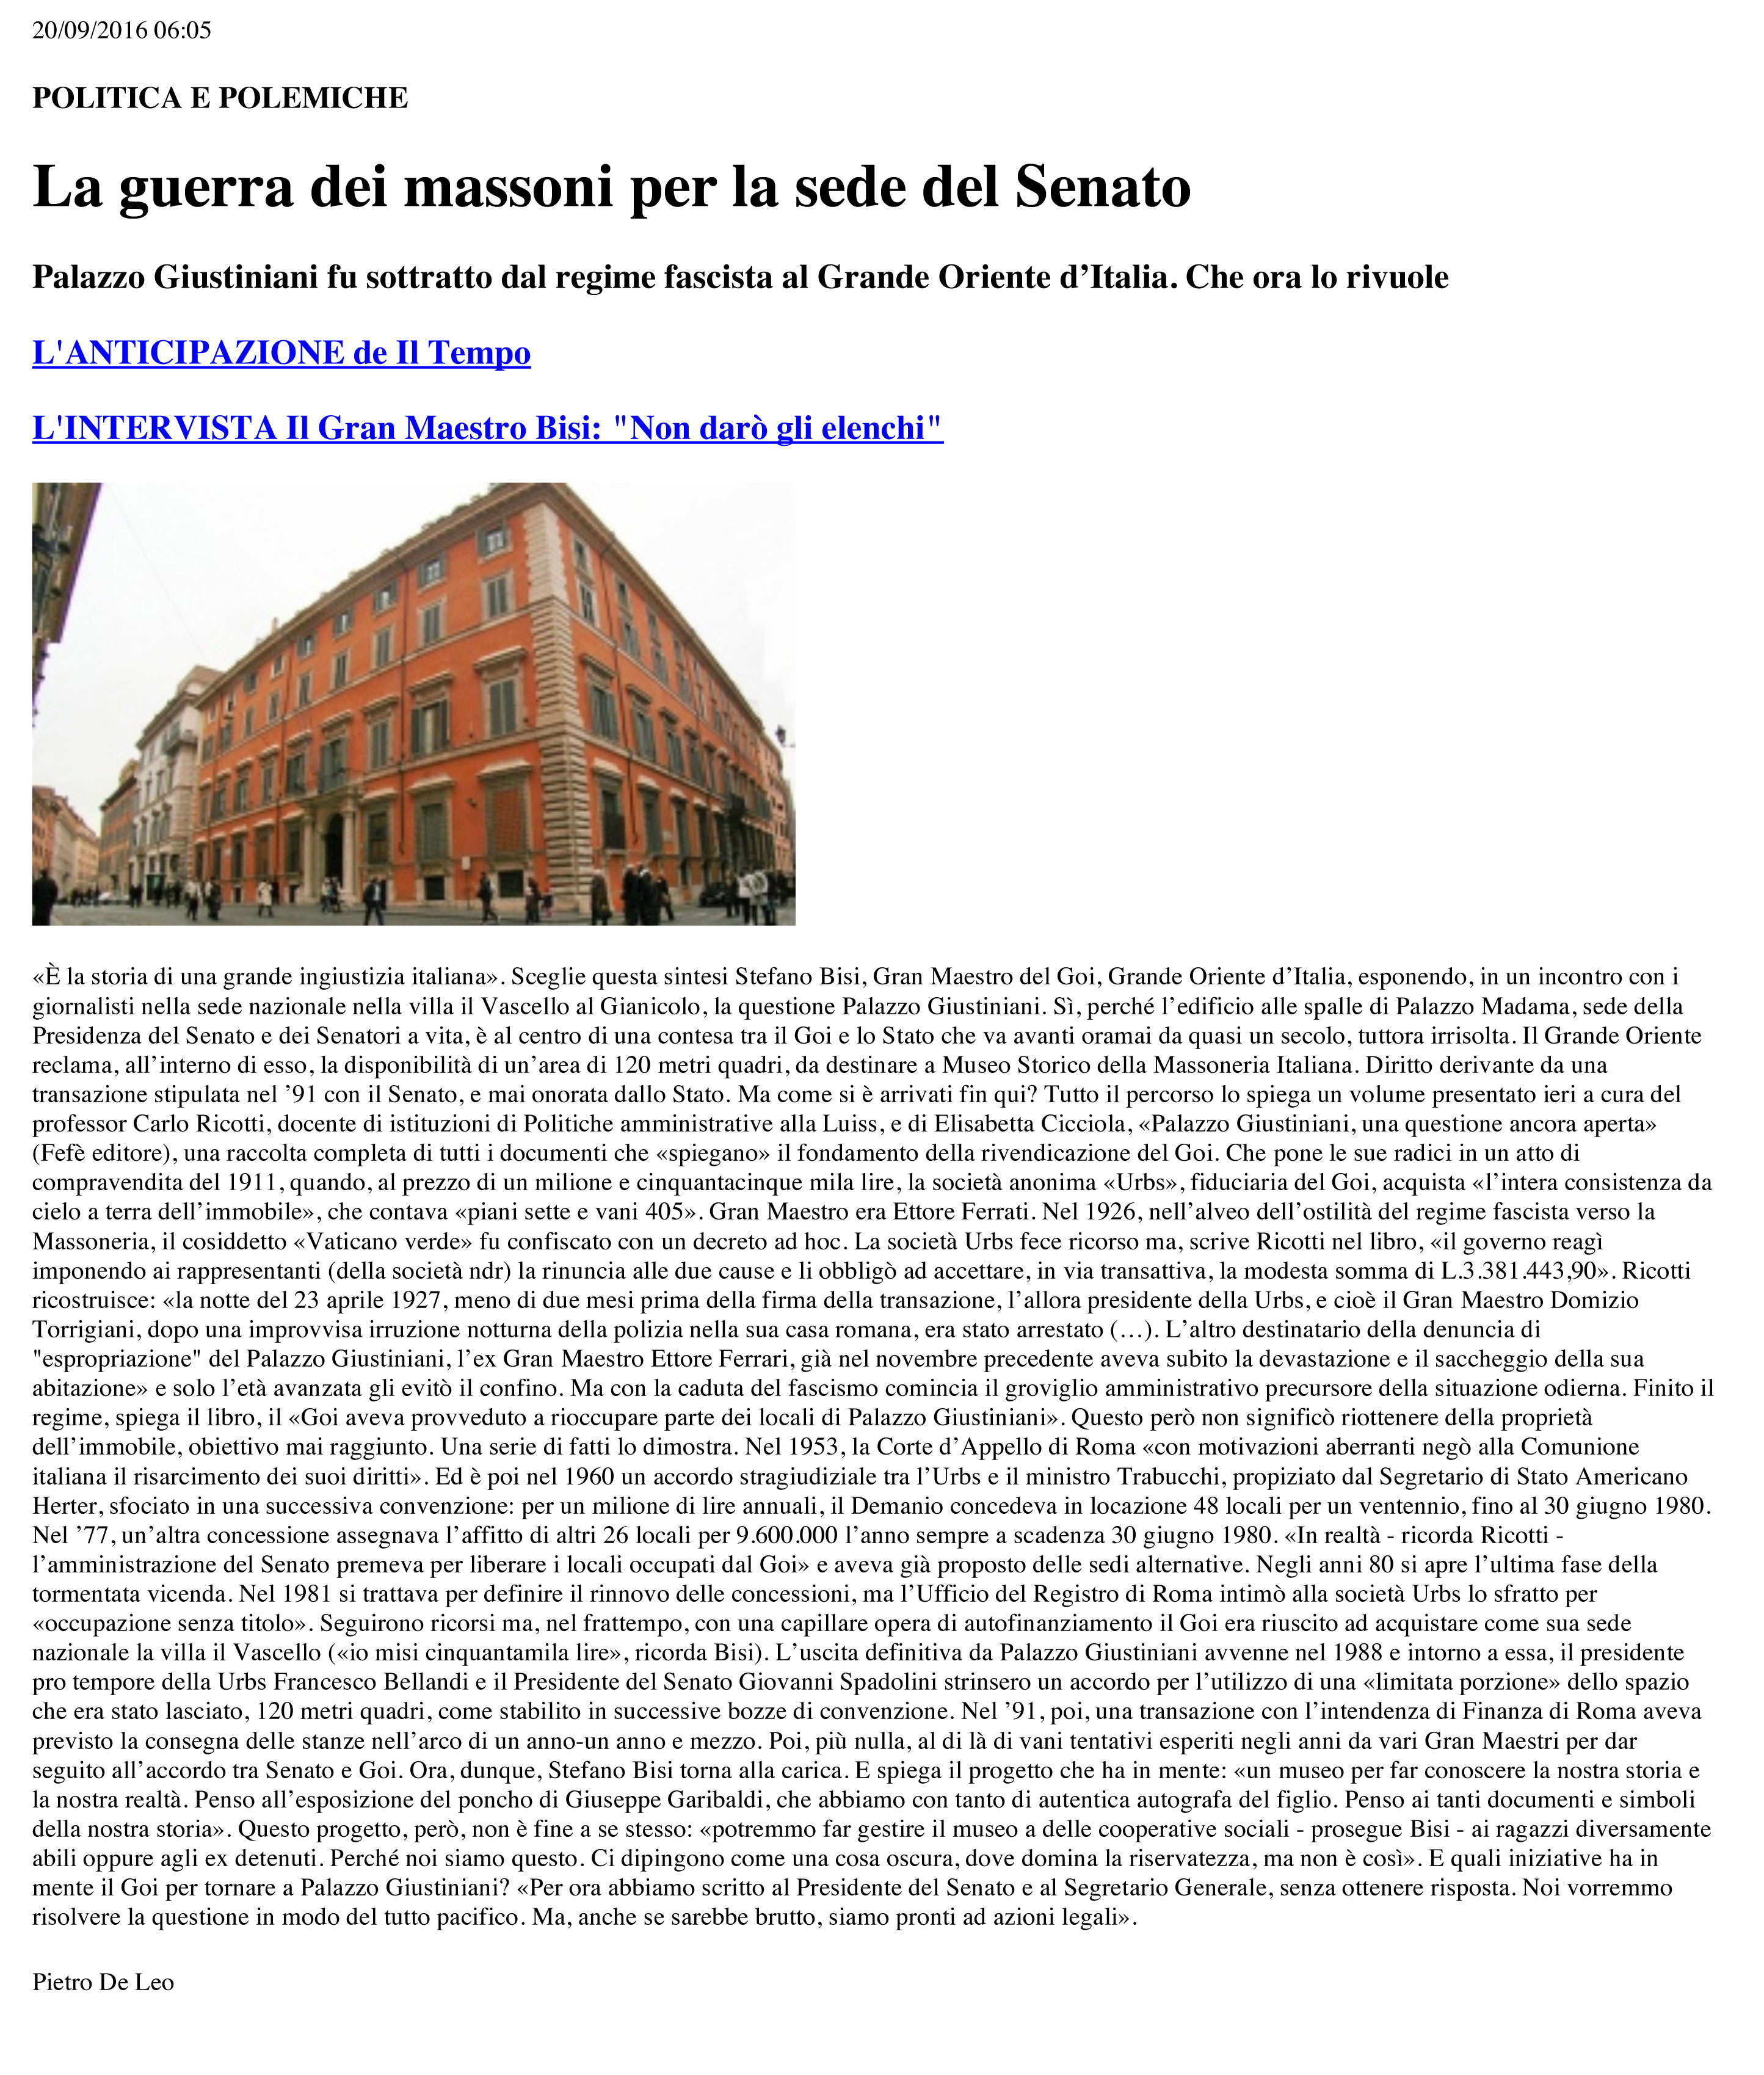 Fefè Editore Palazzo Giustinianiuna questione ancora aperta